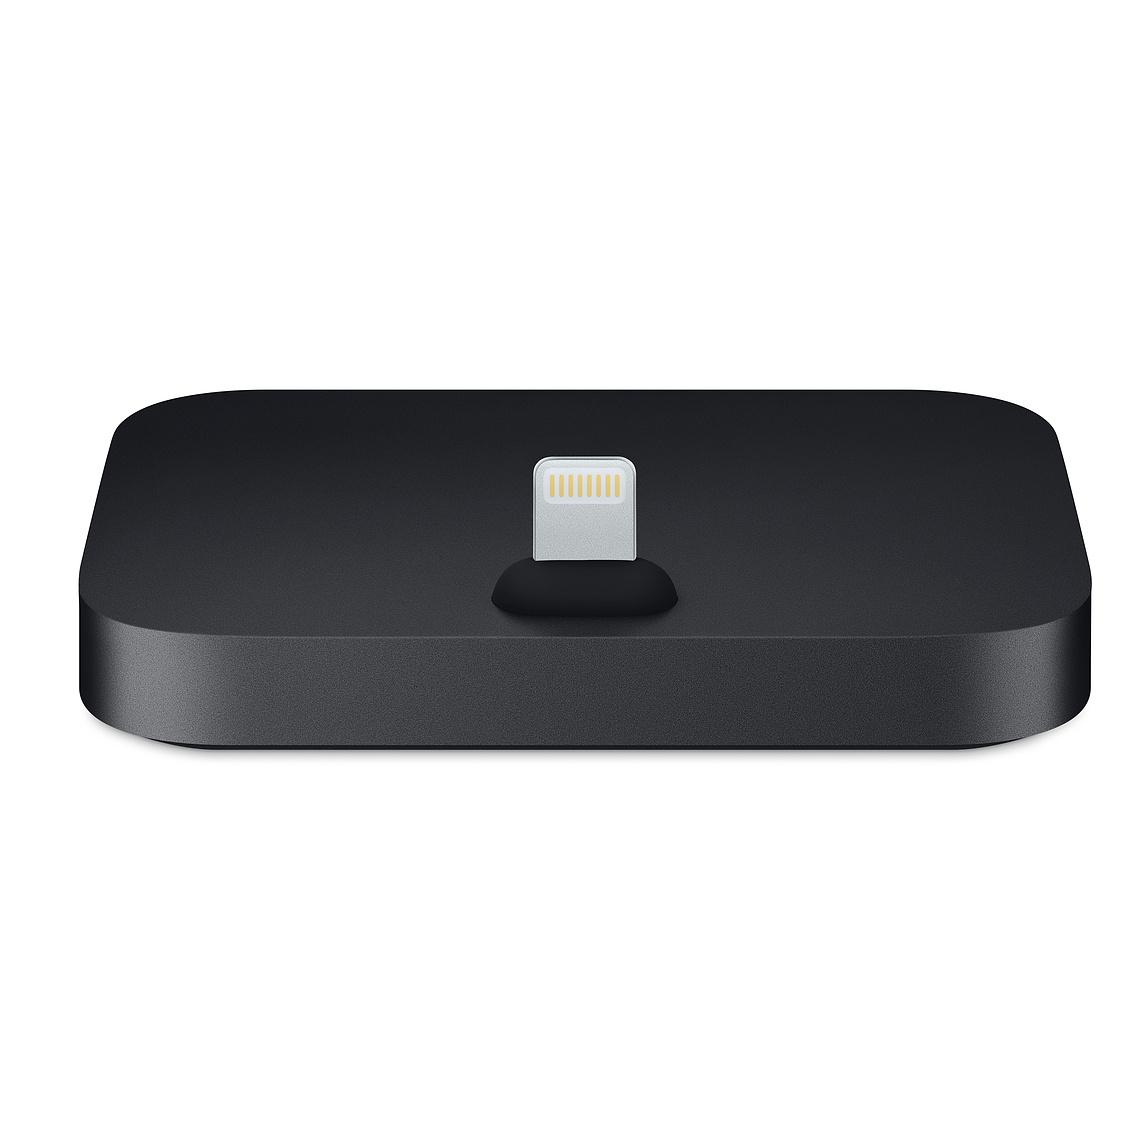 Dokovací stanice pro iPhone - Apple, iPhone Lightning Dock Black